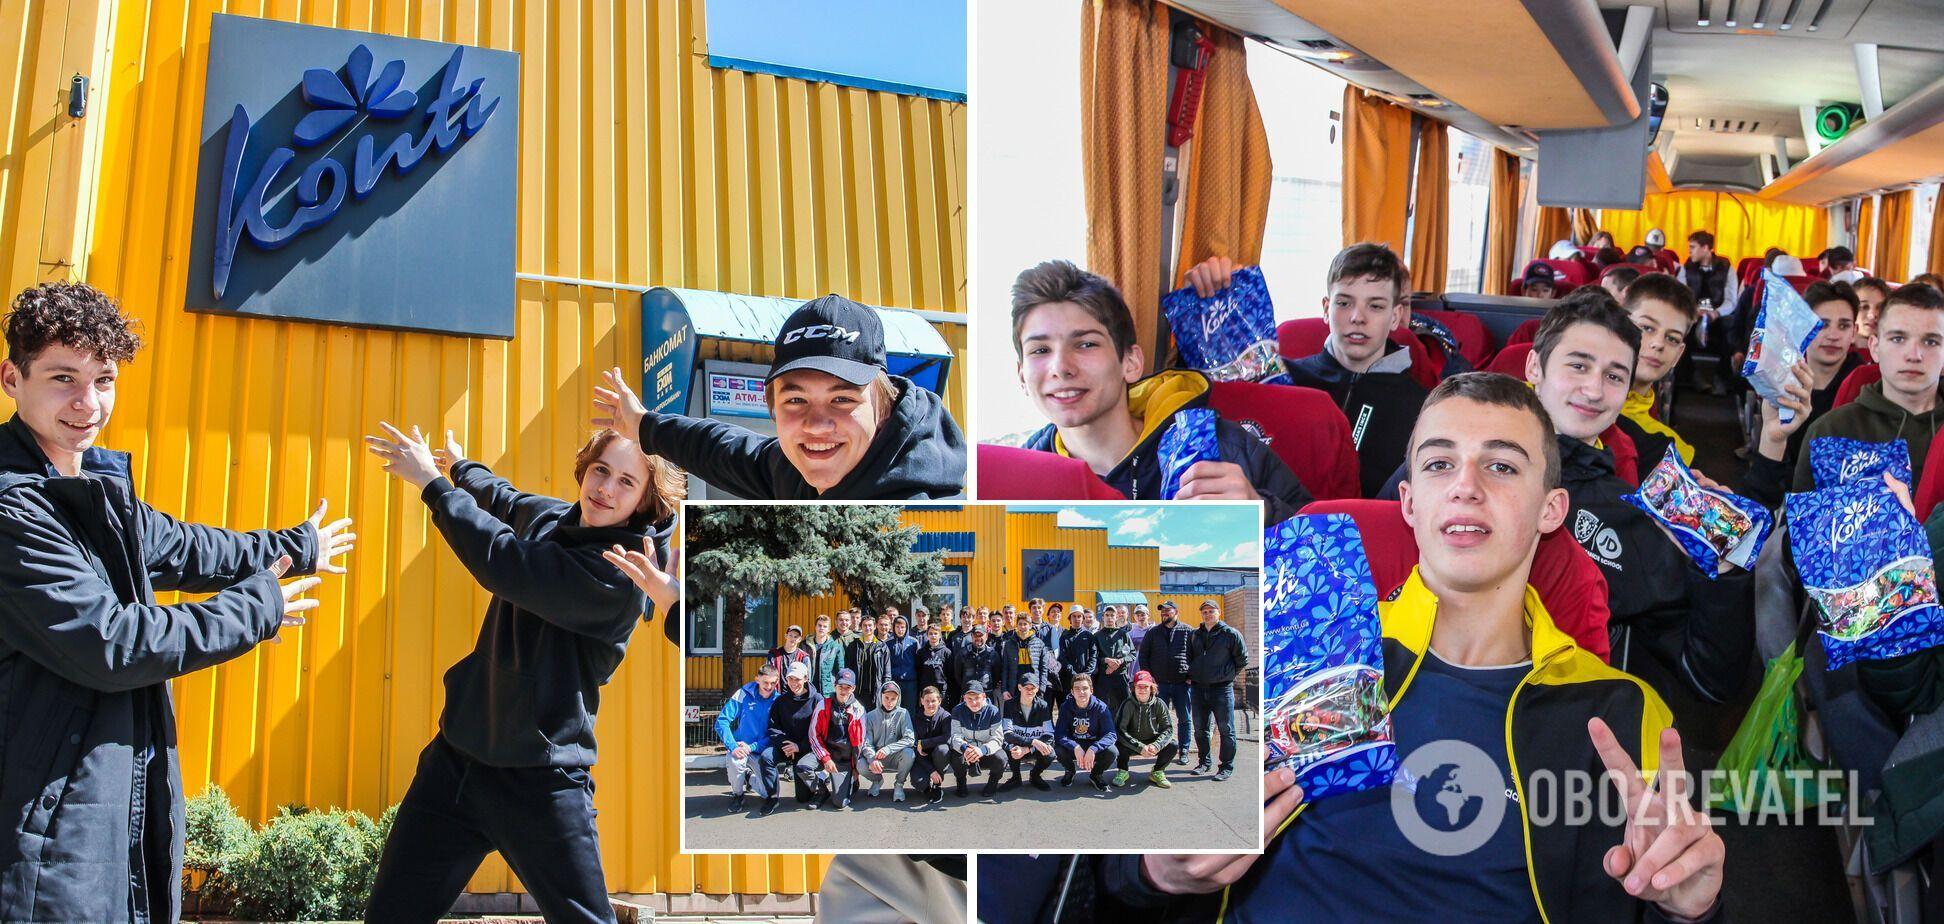 Фонд Бориса Колеснікова організував для учасників Junior Hockey Cup екскурсію на фабрику 'Конті'